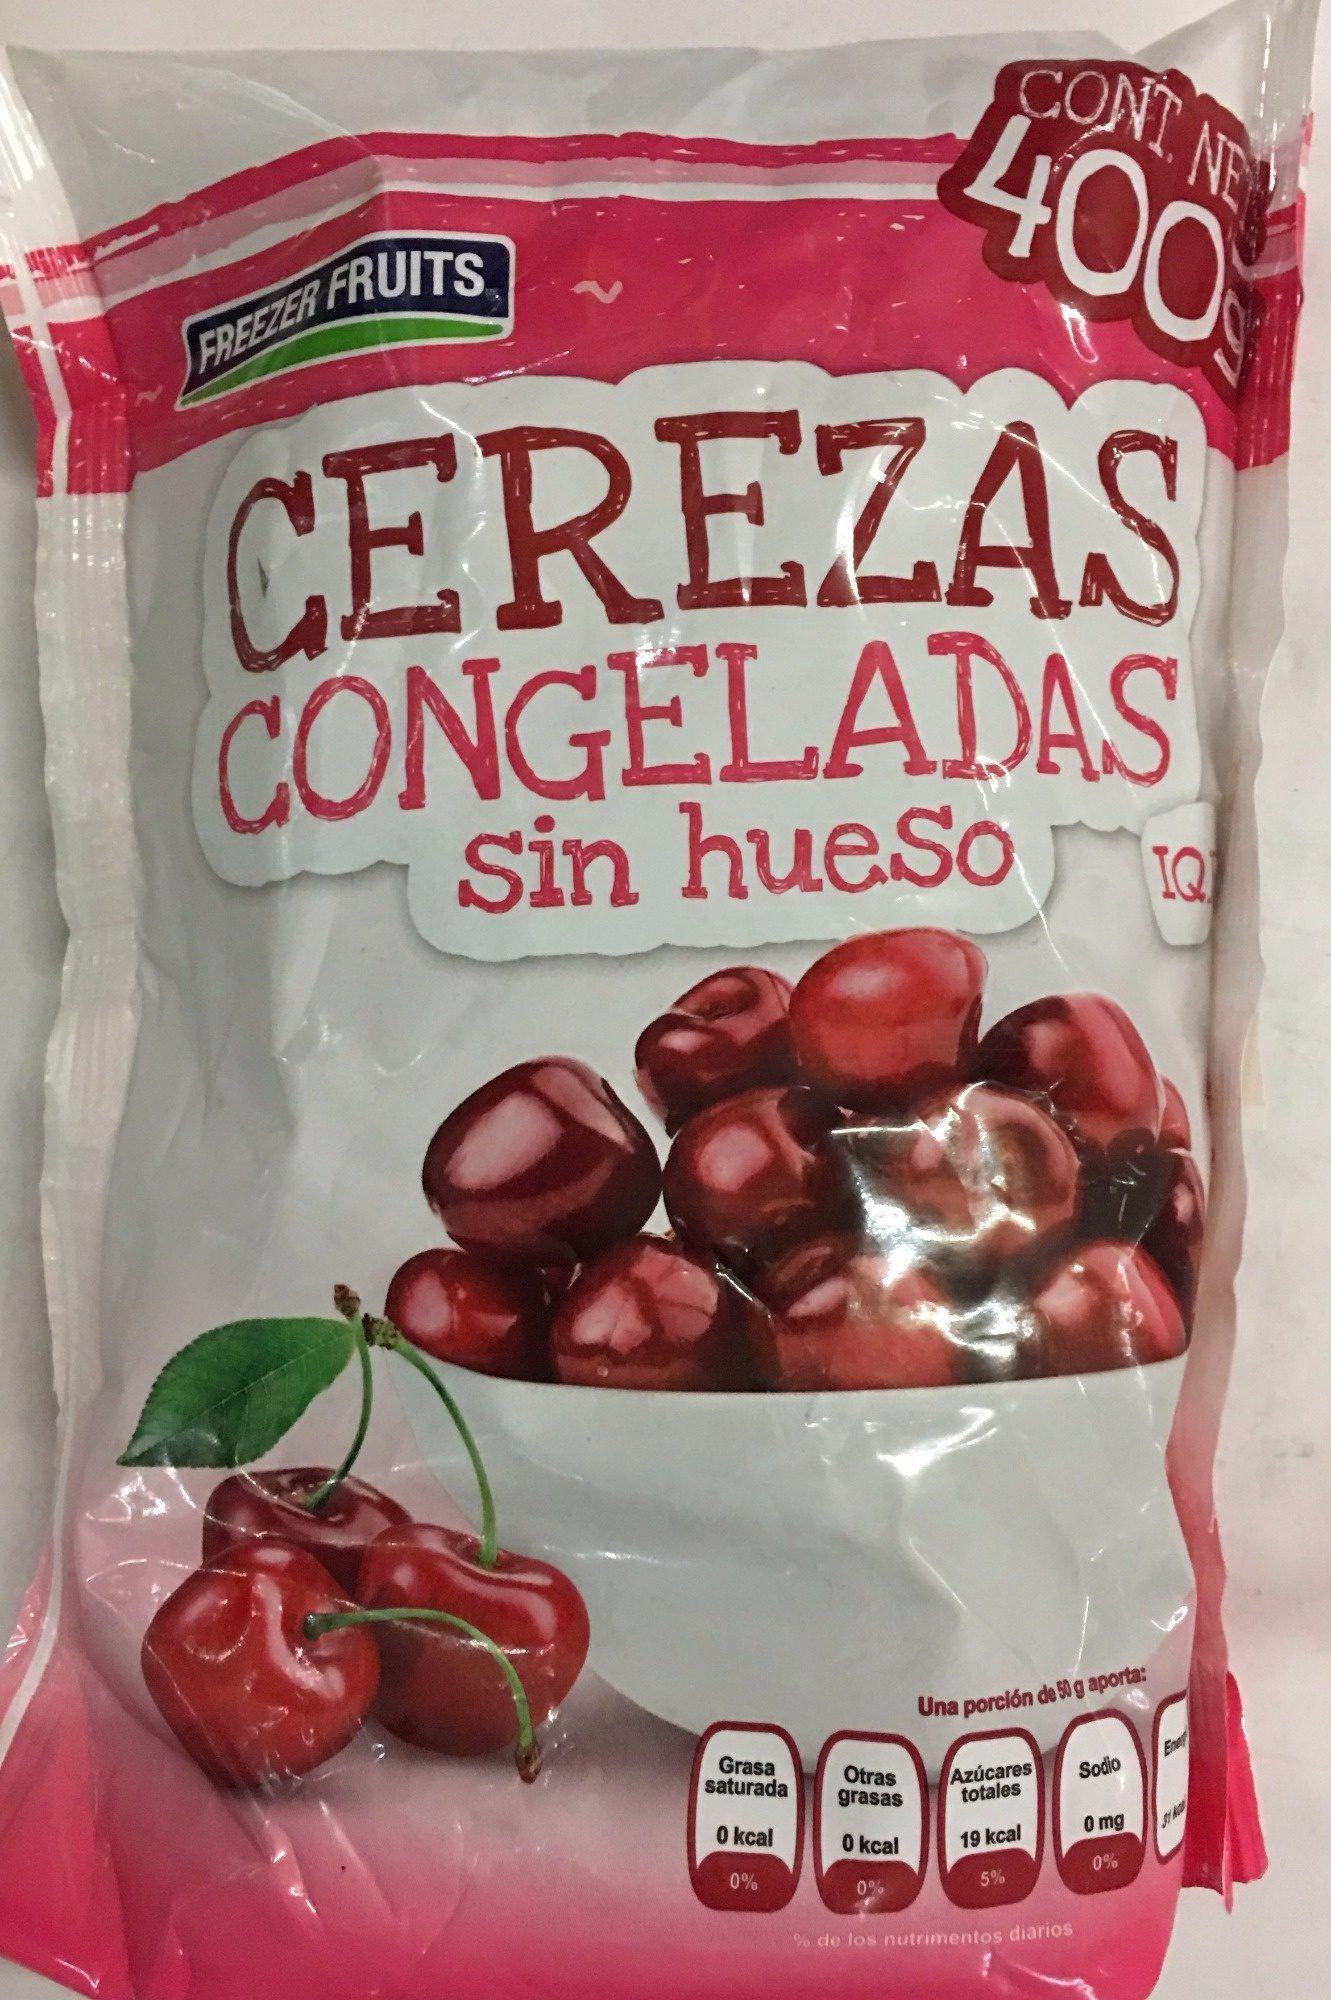 CEREZAS CONGELADAS SIN HUESO - Produit - es